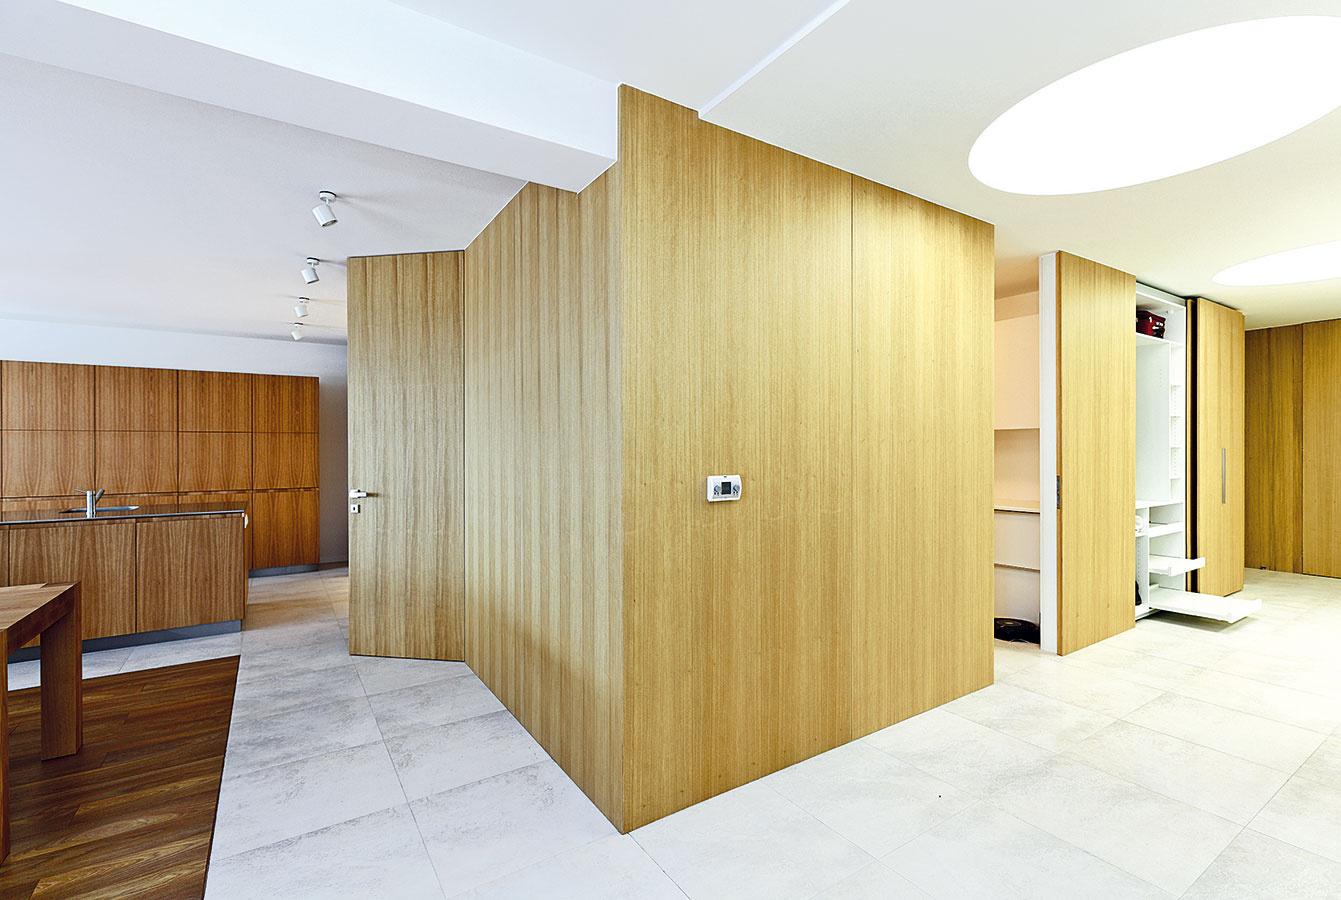 Súčasťou steny aj nábytku. Detaily takýchto dverí si vyžadujú značnú remeselnú zručnosť. Vtedy môžu zárubne úplne zapadnúť do plochy steny akonkurovať skrytým nábytkovým kovaniam. návrh a realizácia interiéru: Rules Architekti